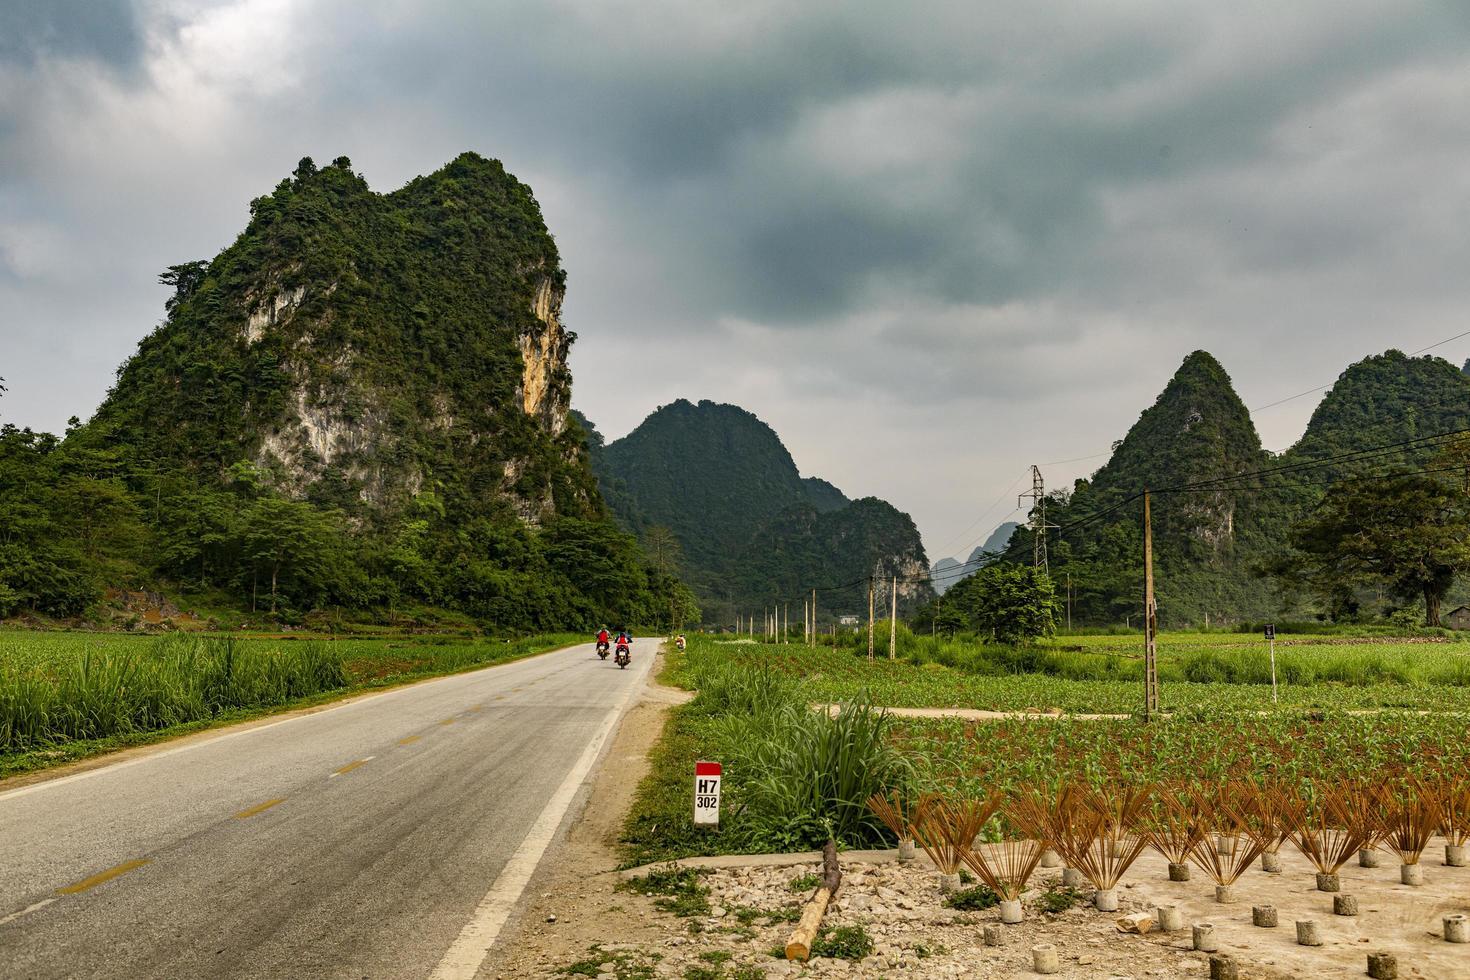 vietnam, 2017-trabajadores de los campos de arroz y viajes familiares en moto foto